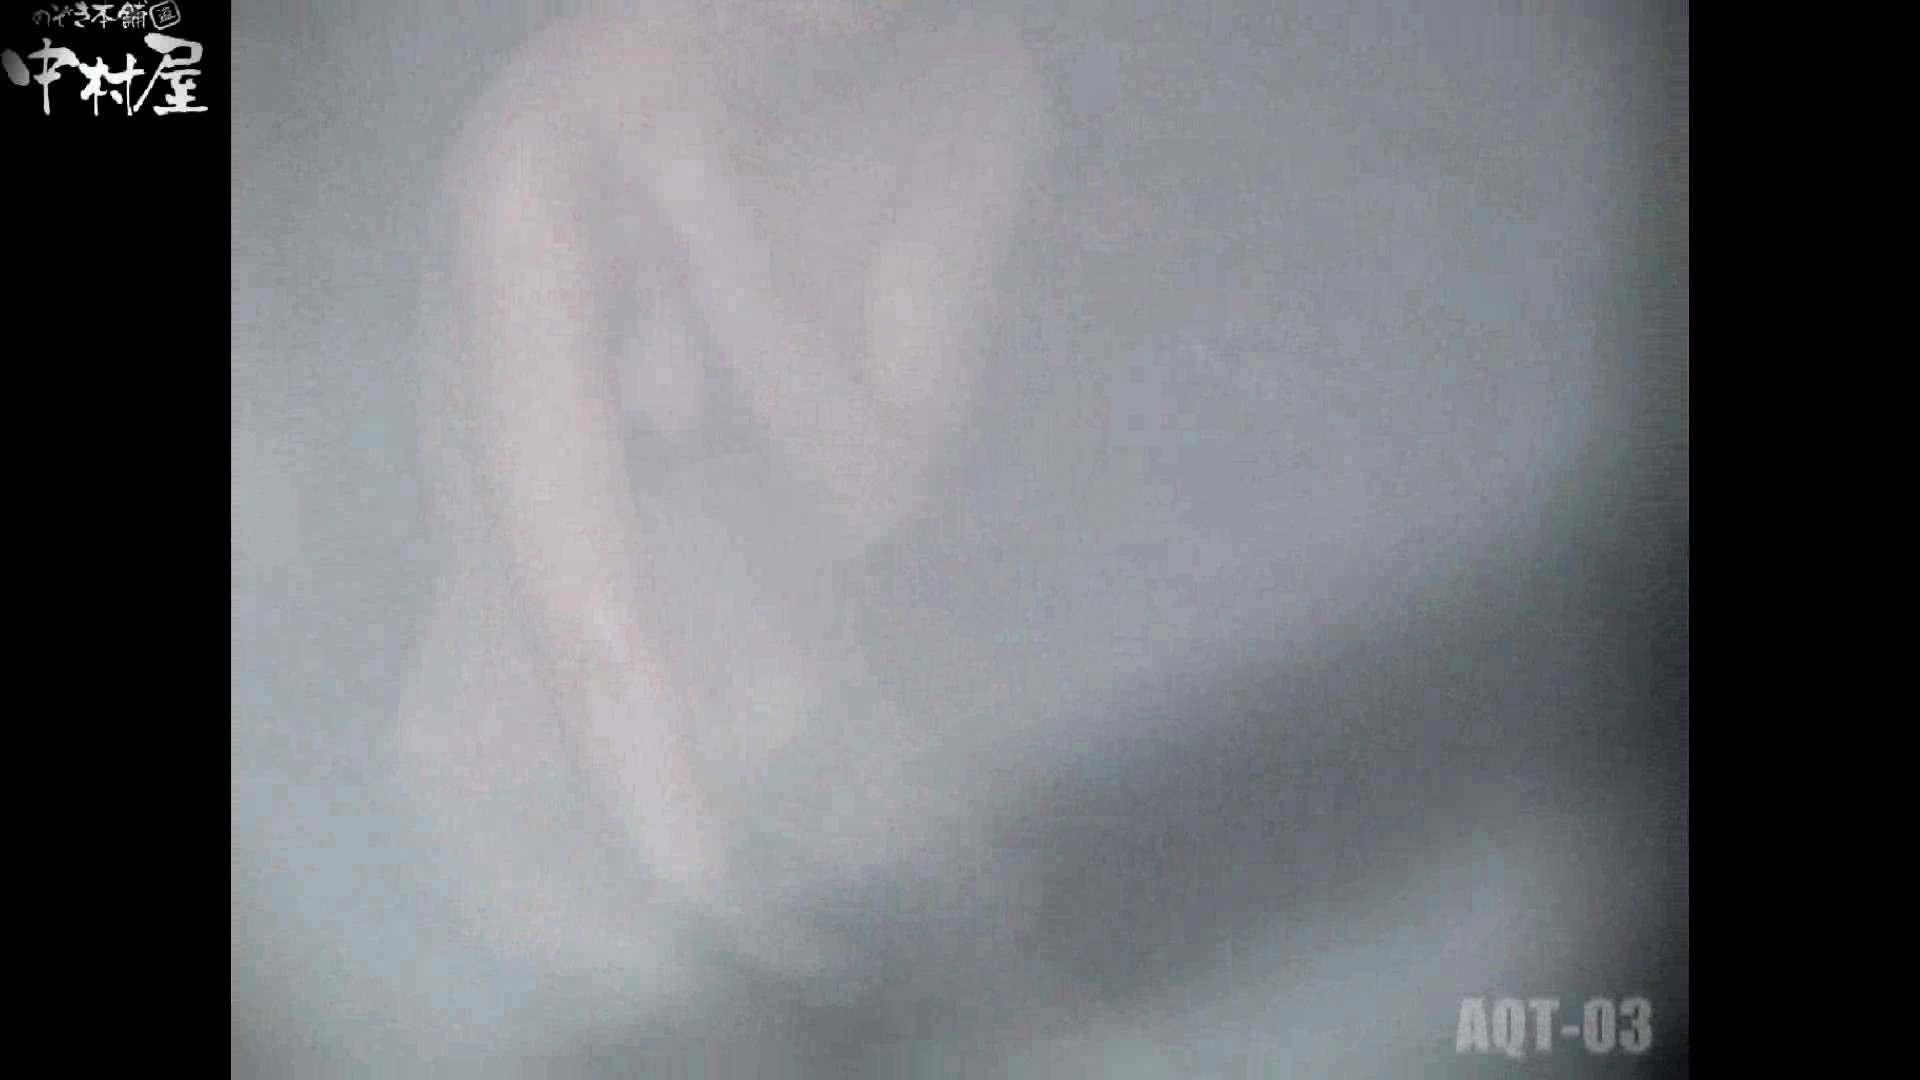 Aquaな露天風呂Vol.867潜入盗撮露天風呂参判湯 其の六 盗撮師作品  89pic 76